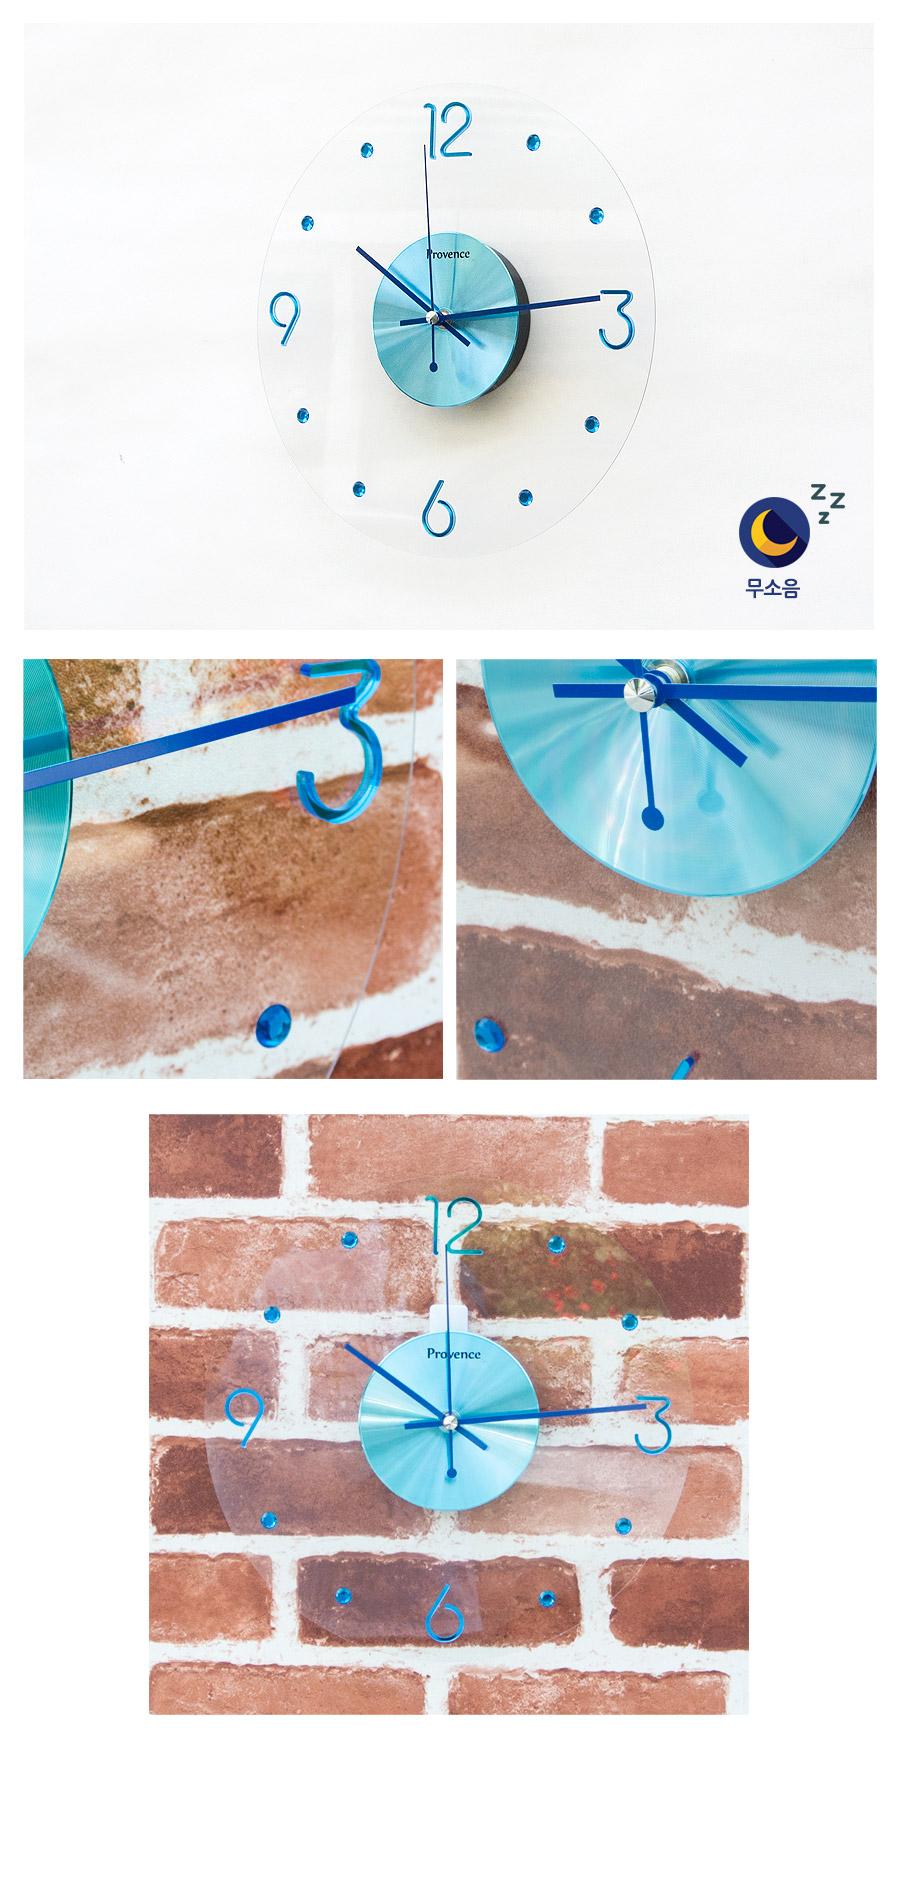 초슬림 큐빅 투명 무소음 인테리어 벽시계 - 로얄데코, 28,000원, 벽시계, 무소음/저소음